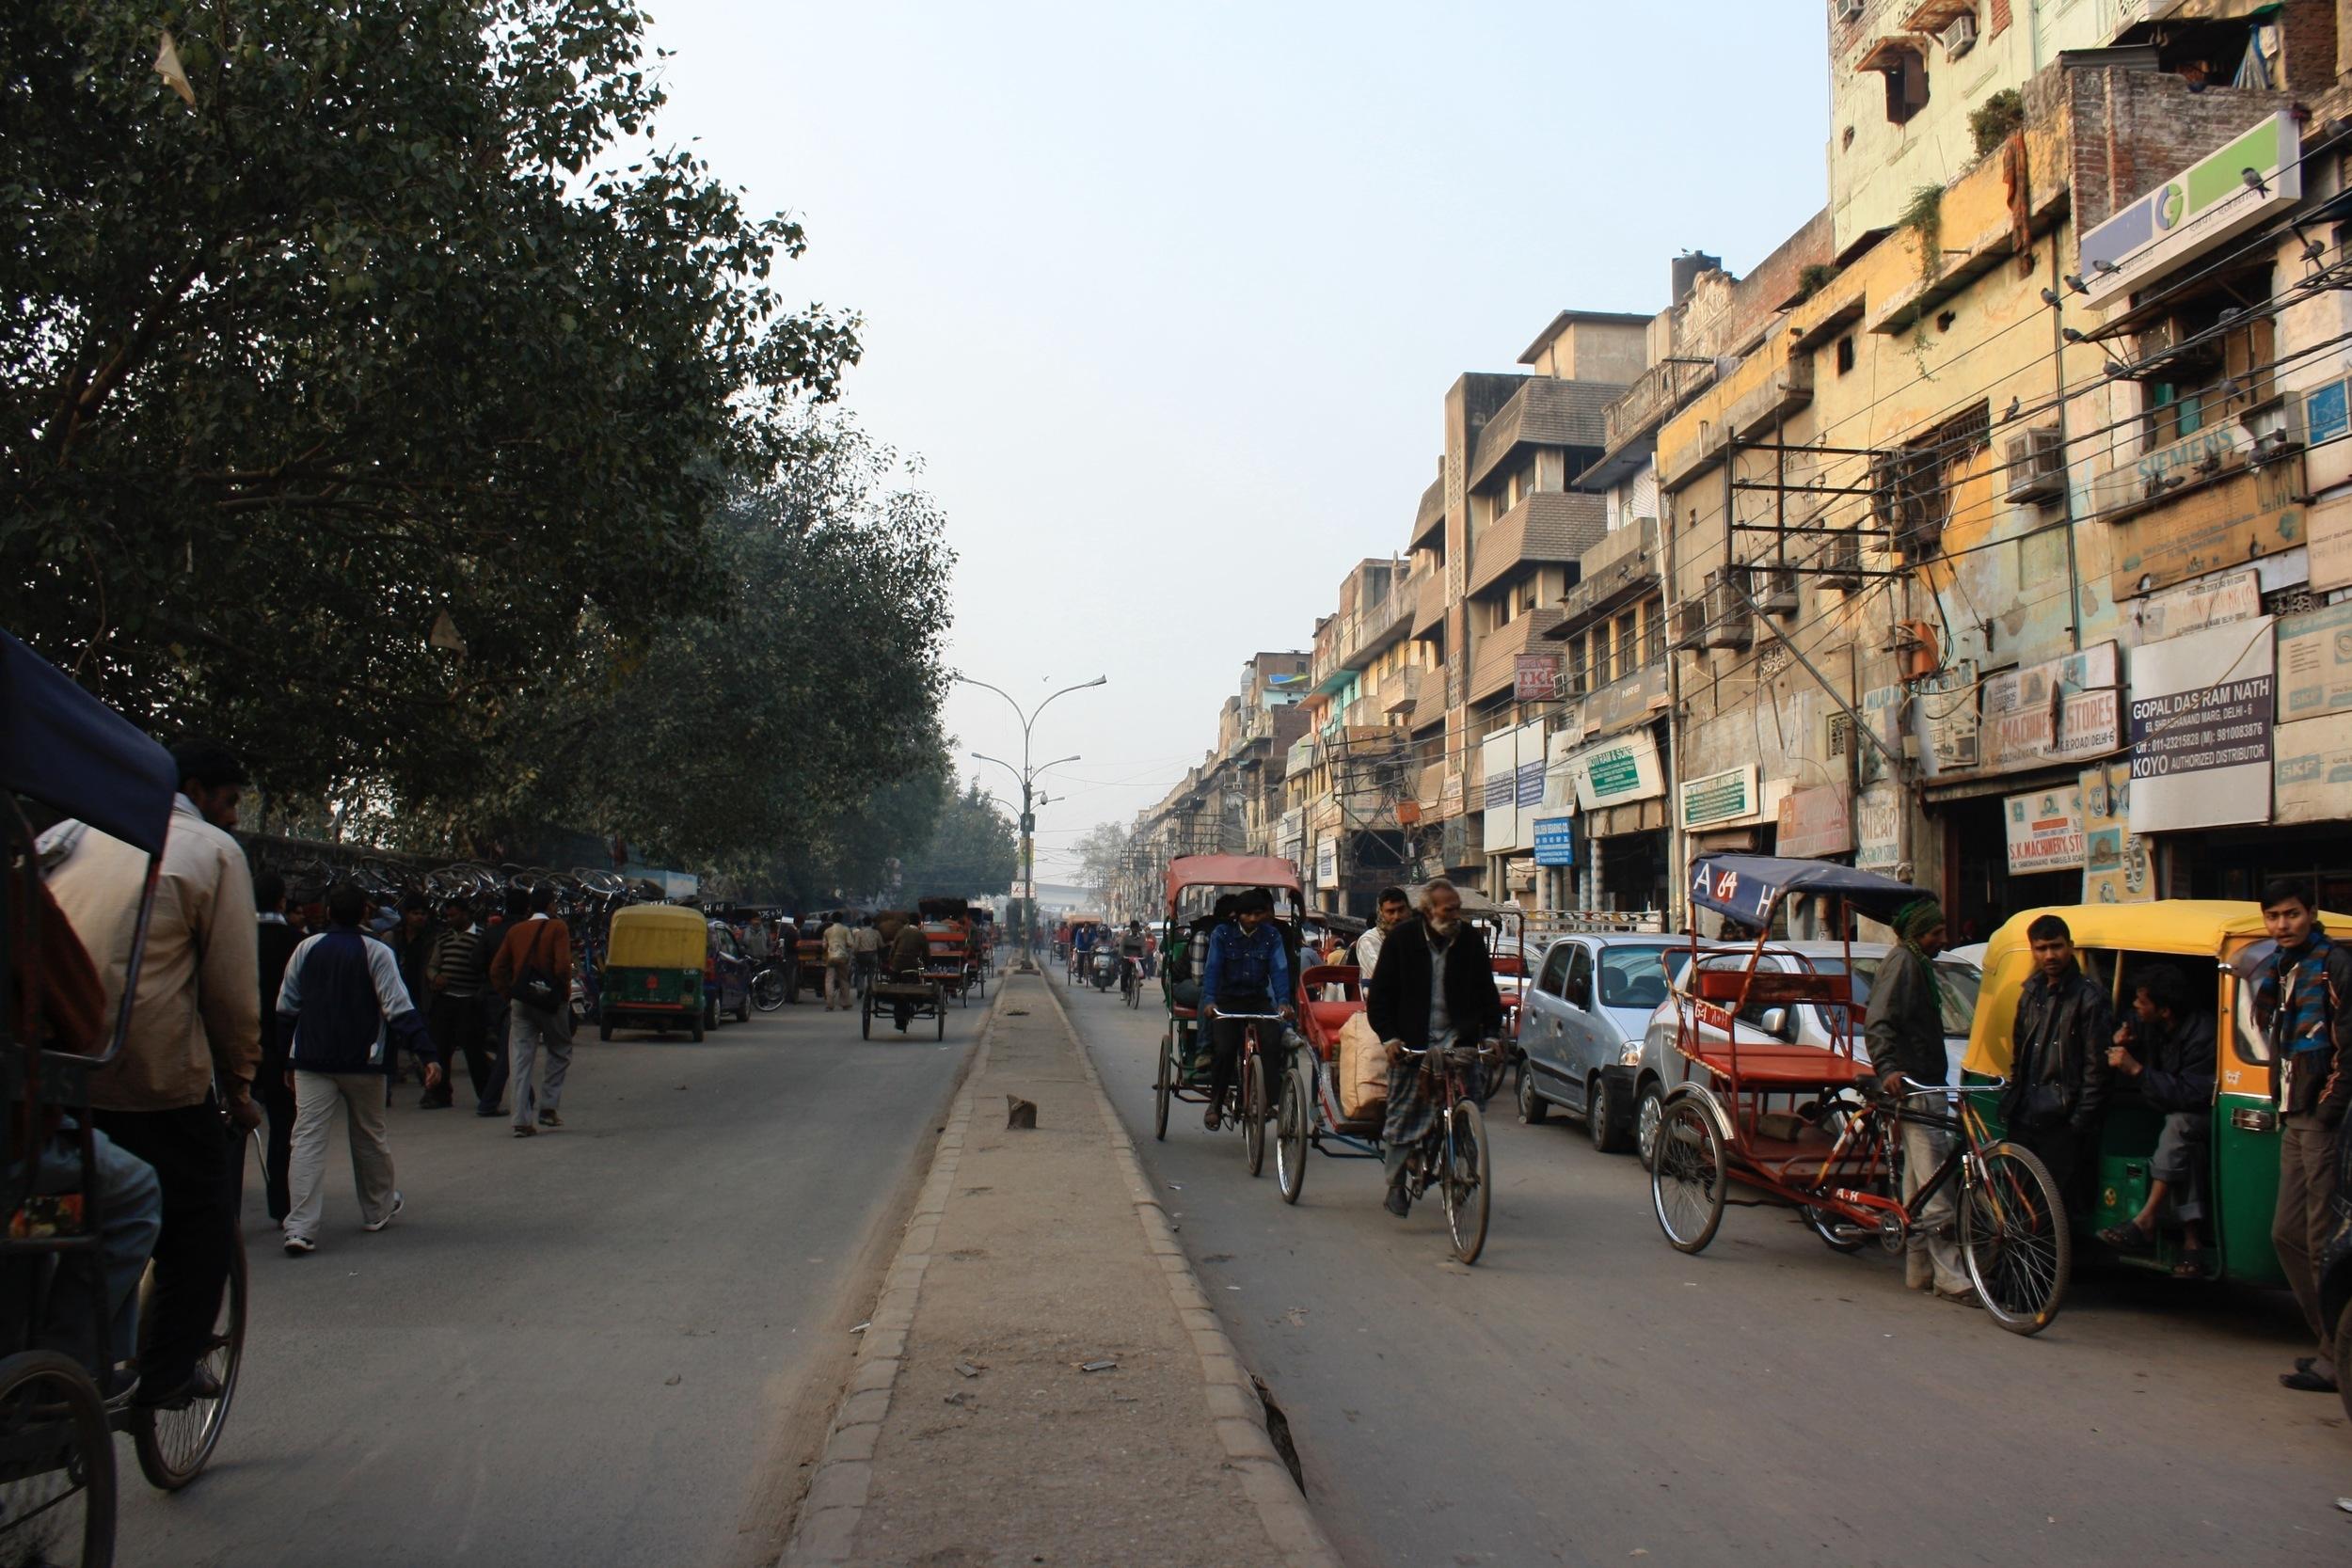 Rickshaw drivers in Old Delhi